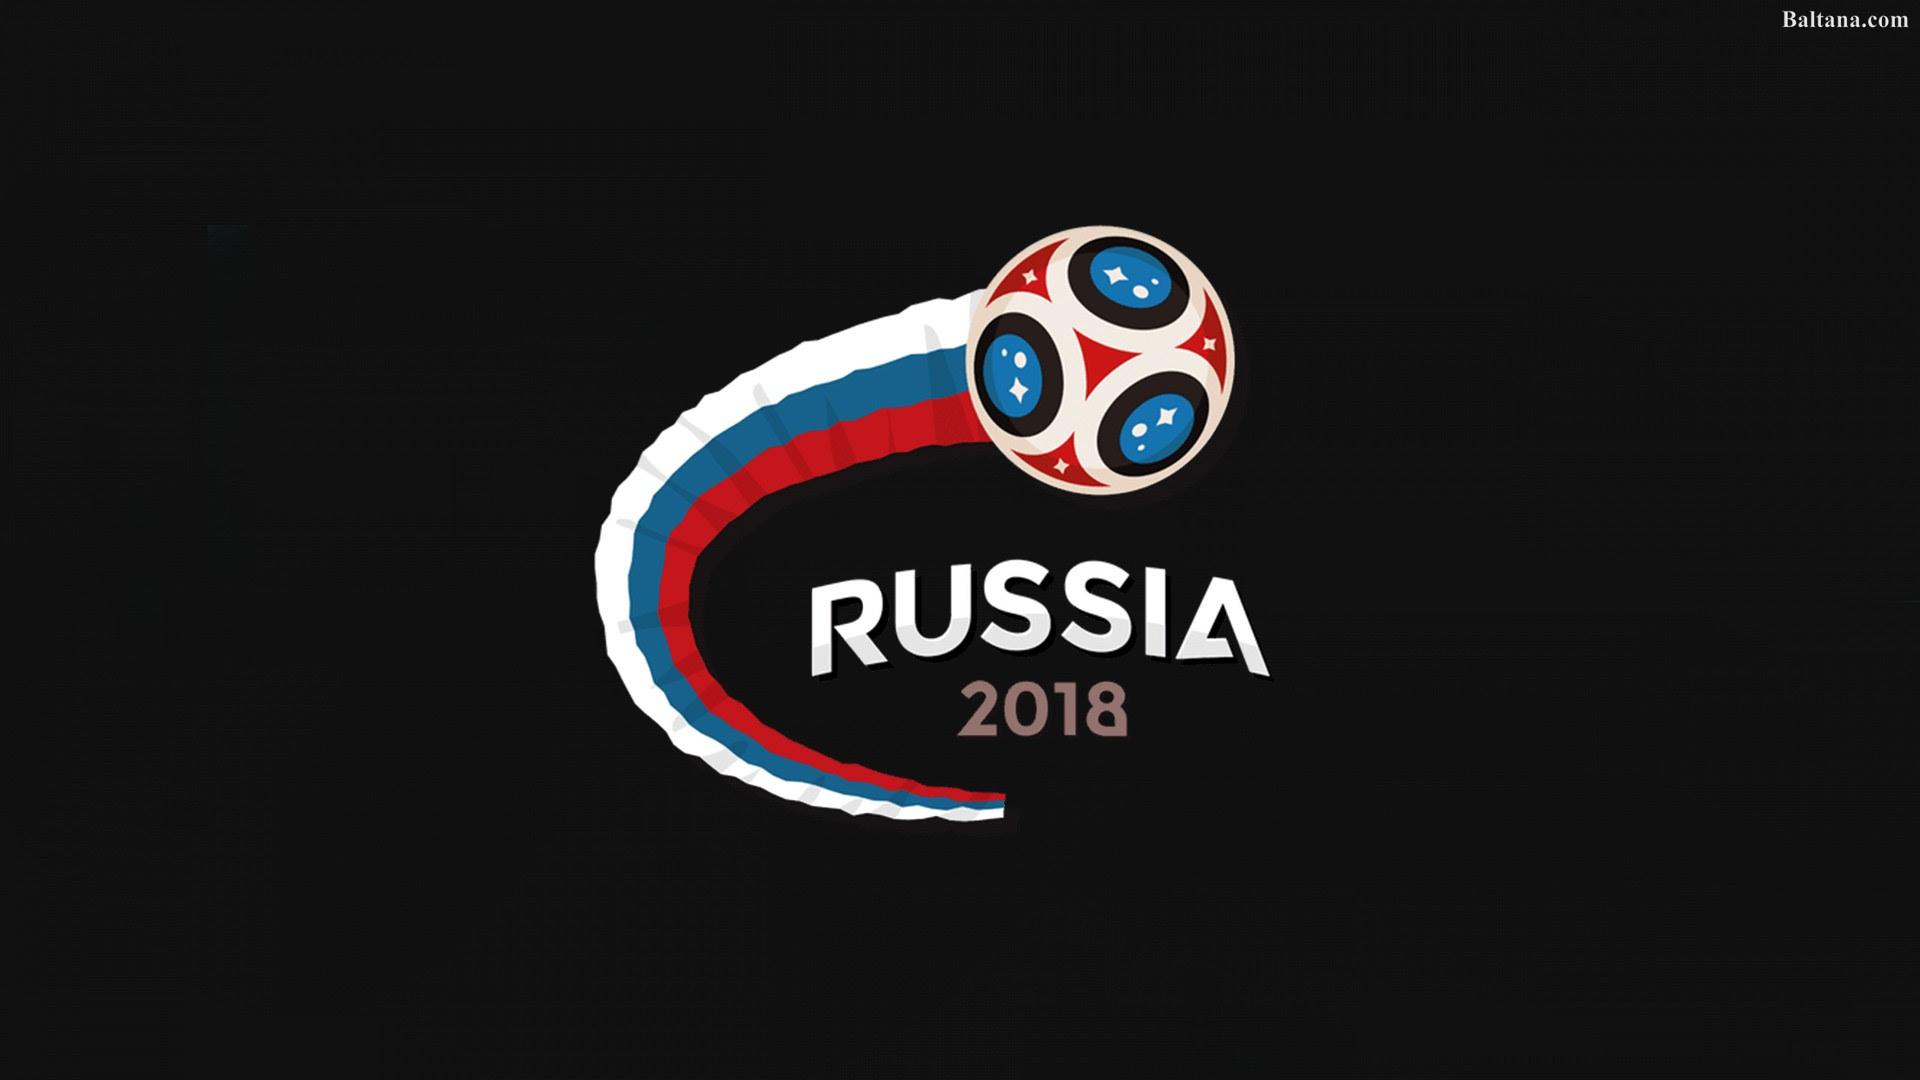 2018 Fifa World Cup Best Wallpaper 33997 Baltana